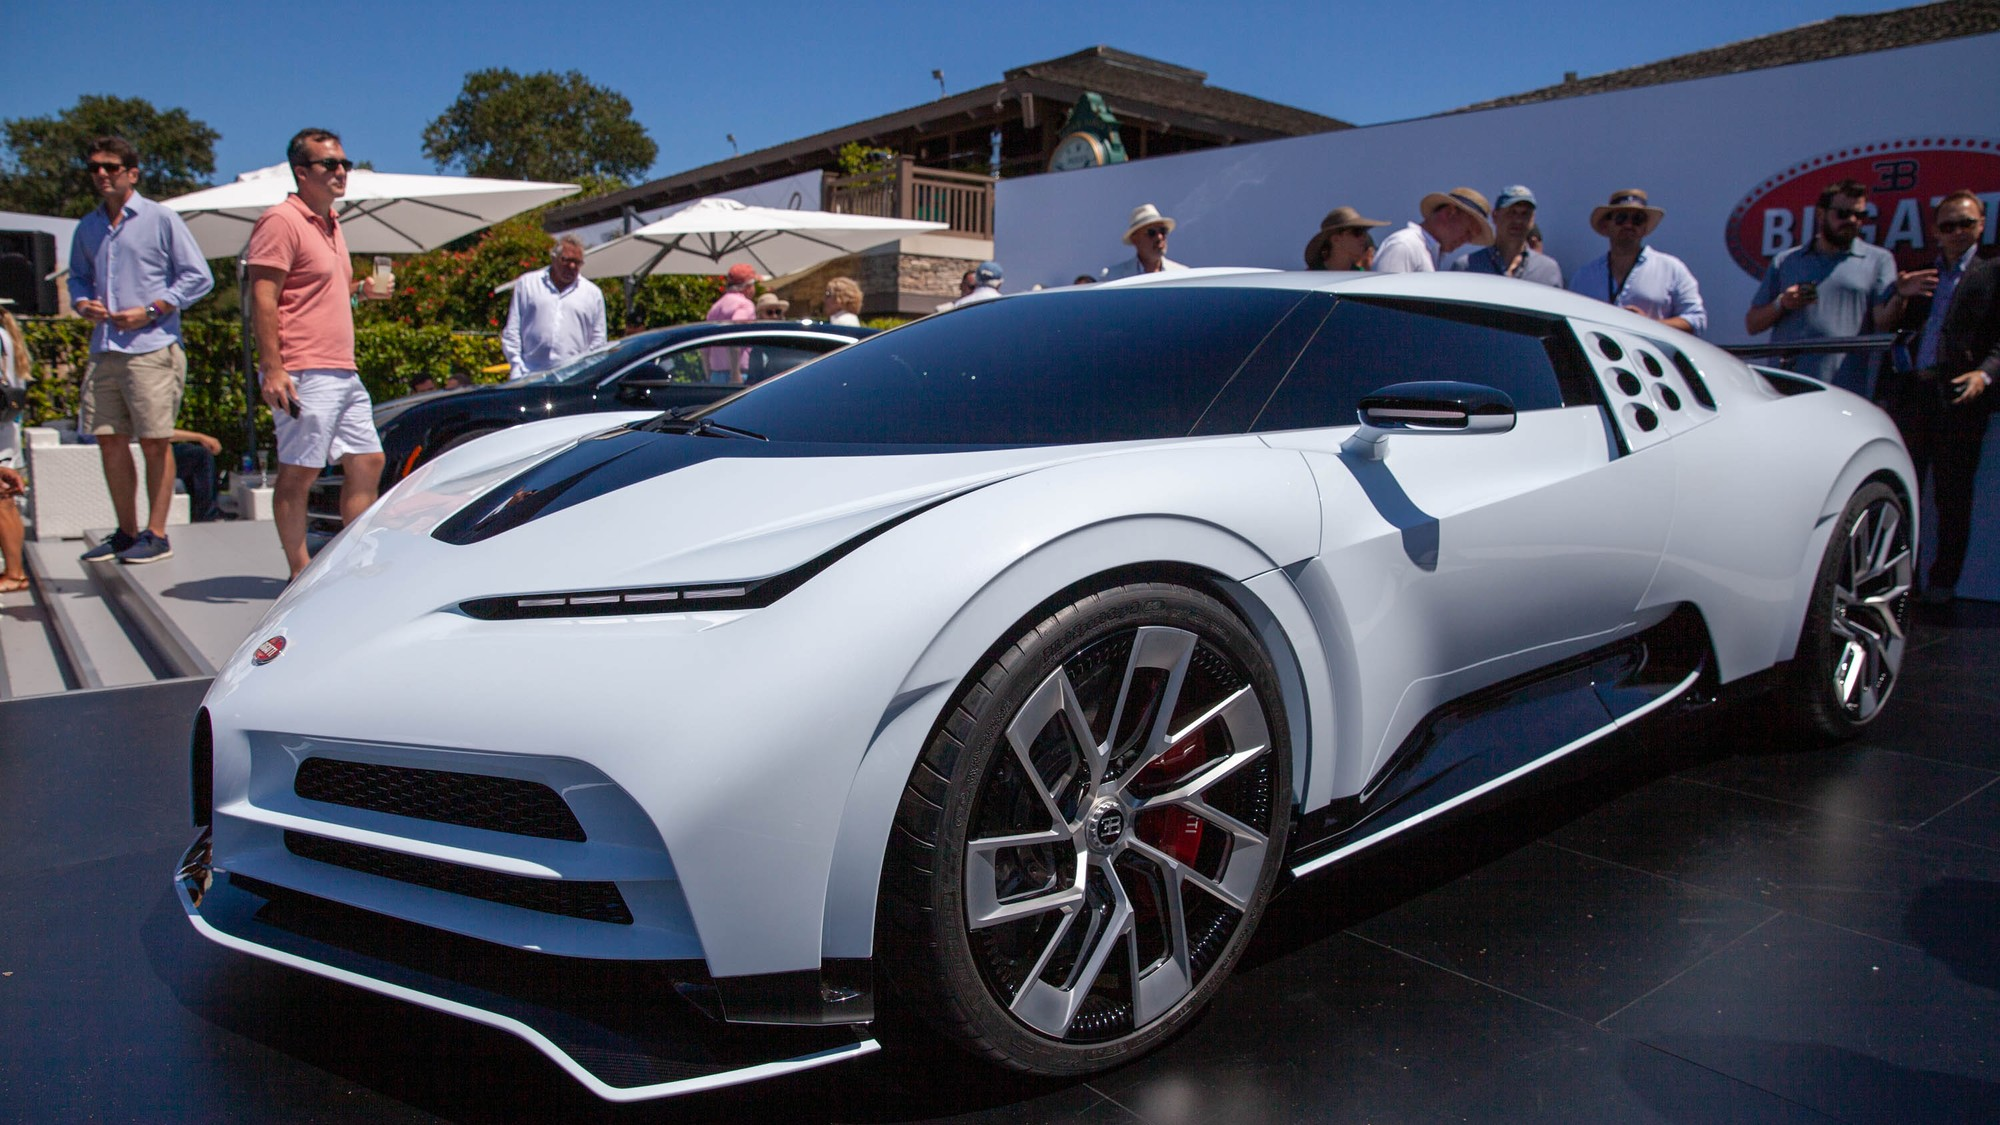 Новейший гиперкар Bugatti стал дороже реактивного истребителя